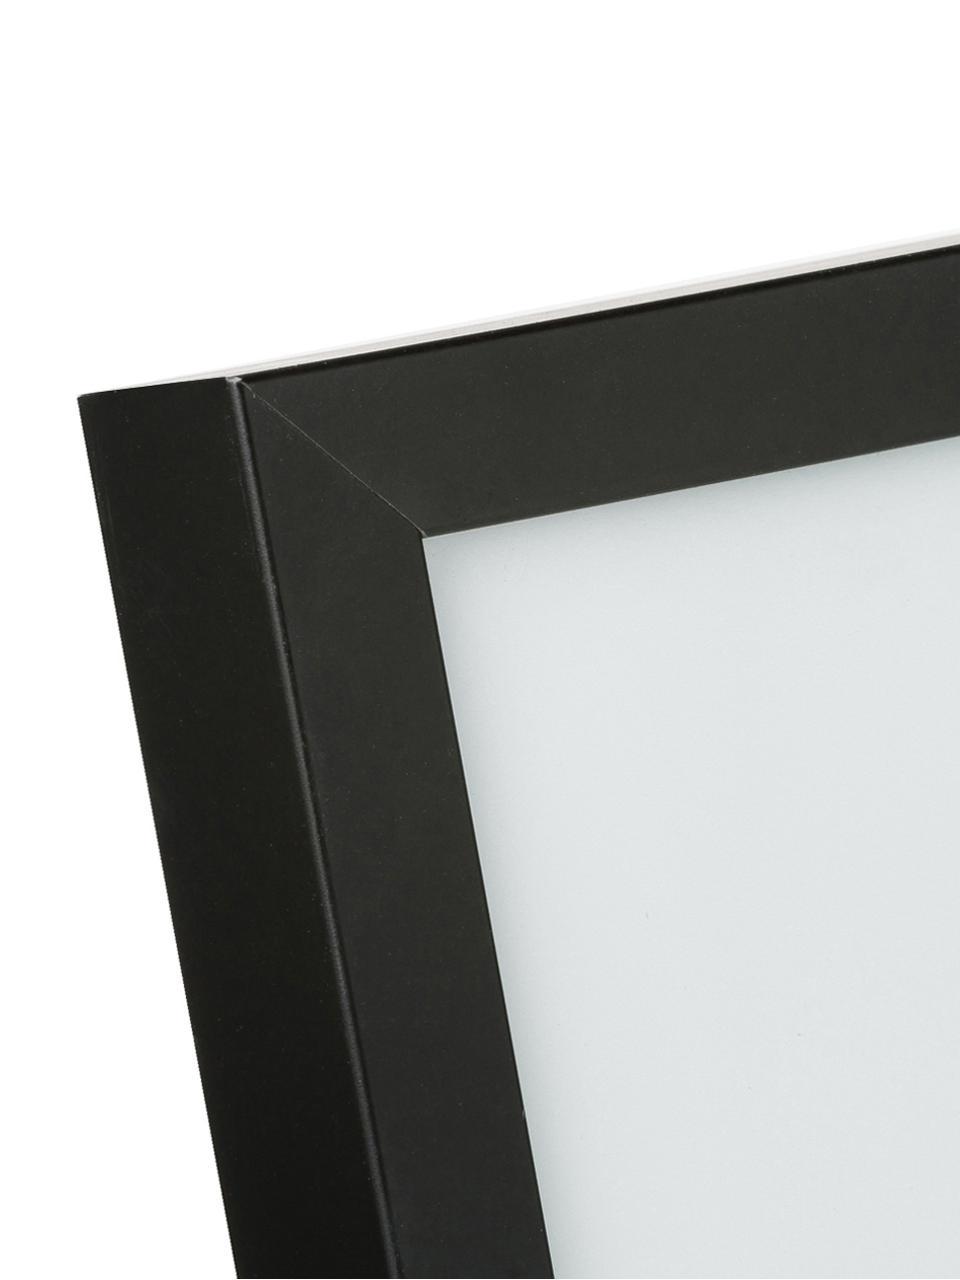 Stampa digitale incorniciata Carpe Diem, Immagine: stampa digitale, Cornice: struttura di legno reale, Immagine: nero, bianco<br>Cornice: nero, L 30 cm x A 40 cm